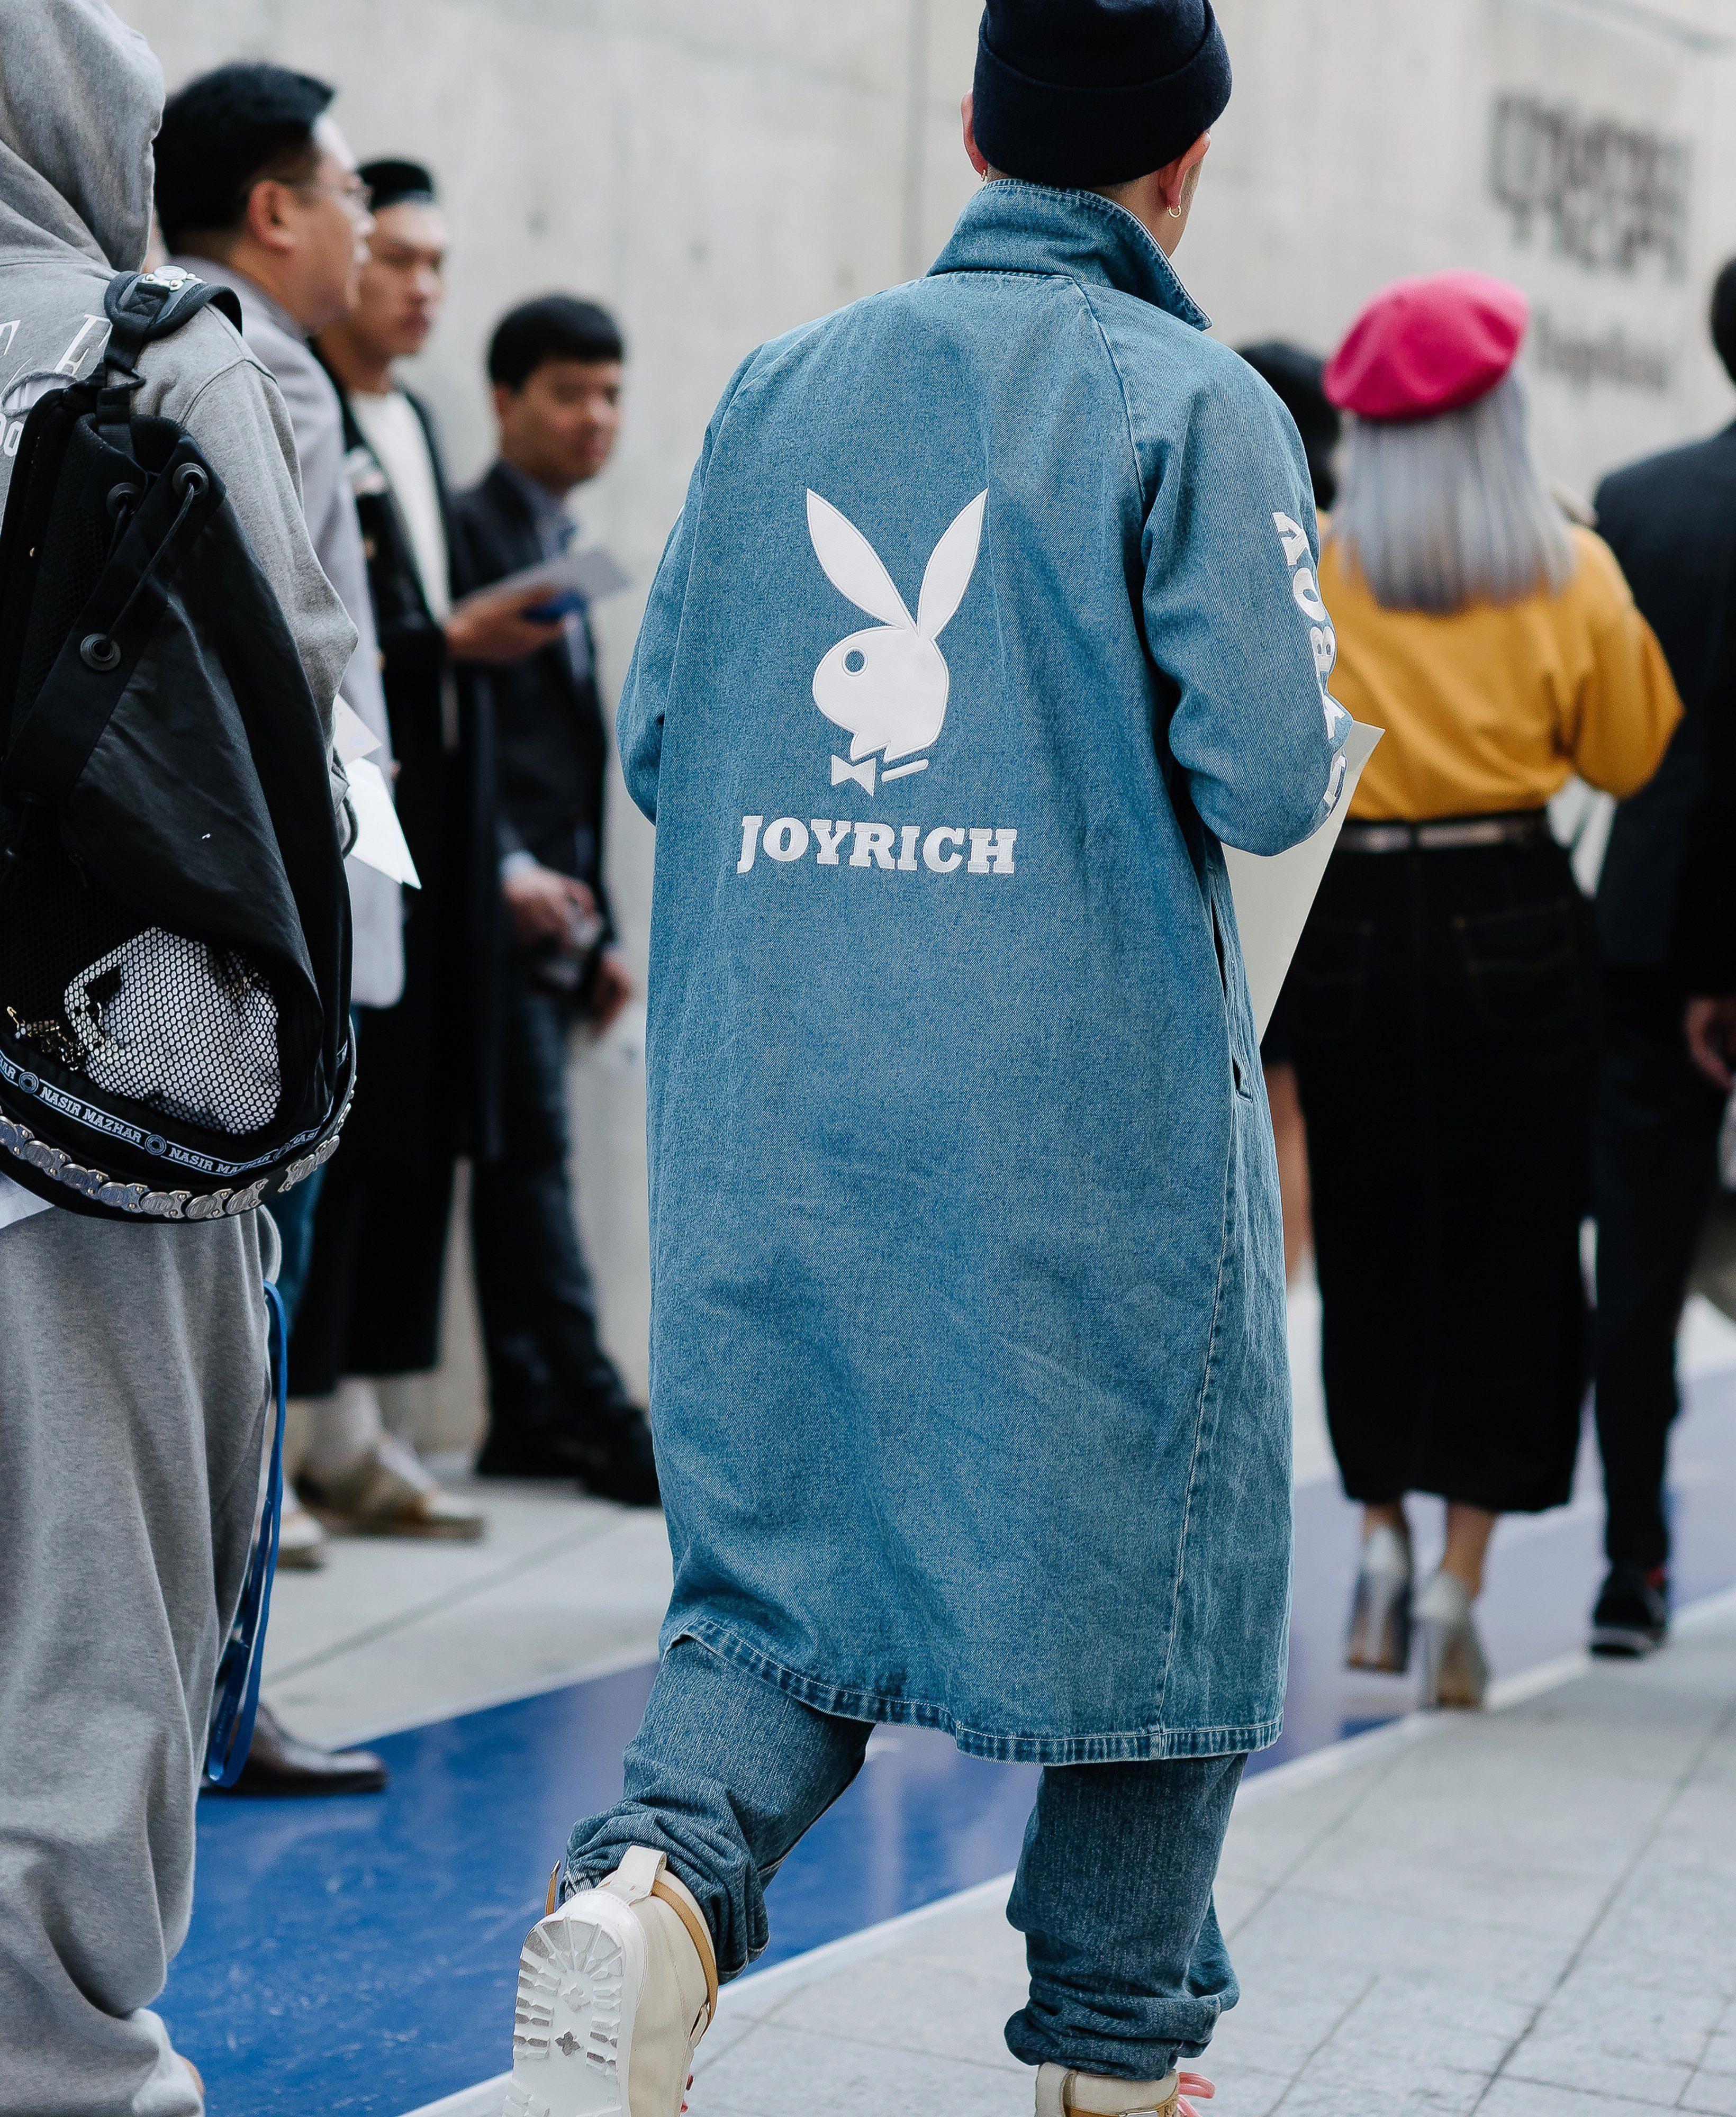 New Street Style Fashion 2821 Streetstylefashion Seoul Fashion Seoul Fashion Week Cool Street Fashion